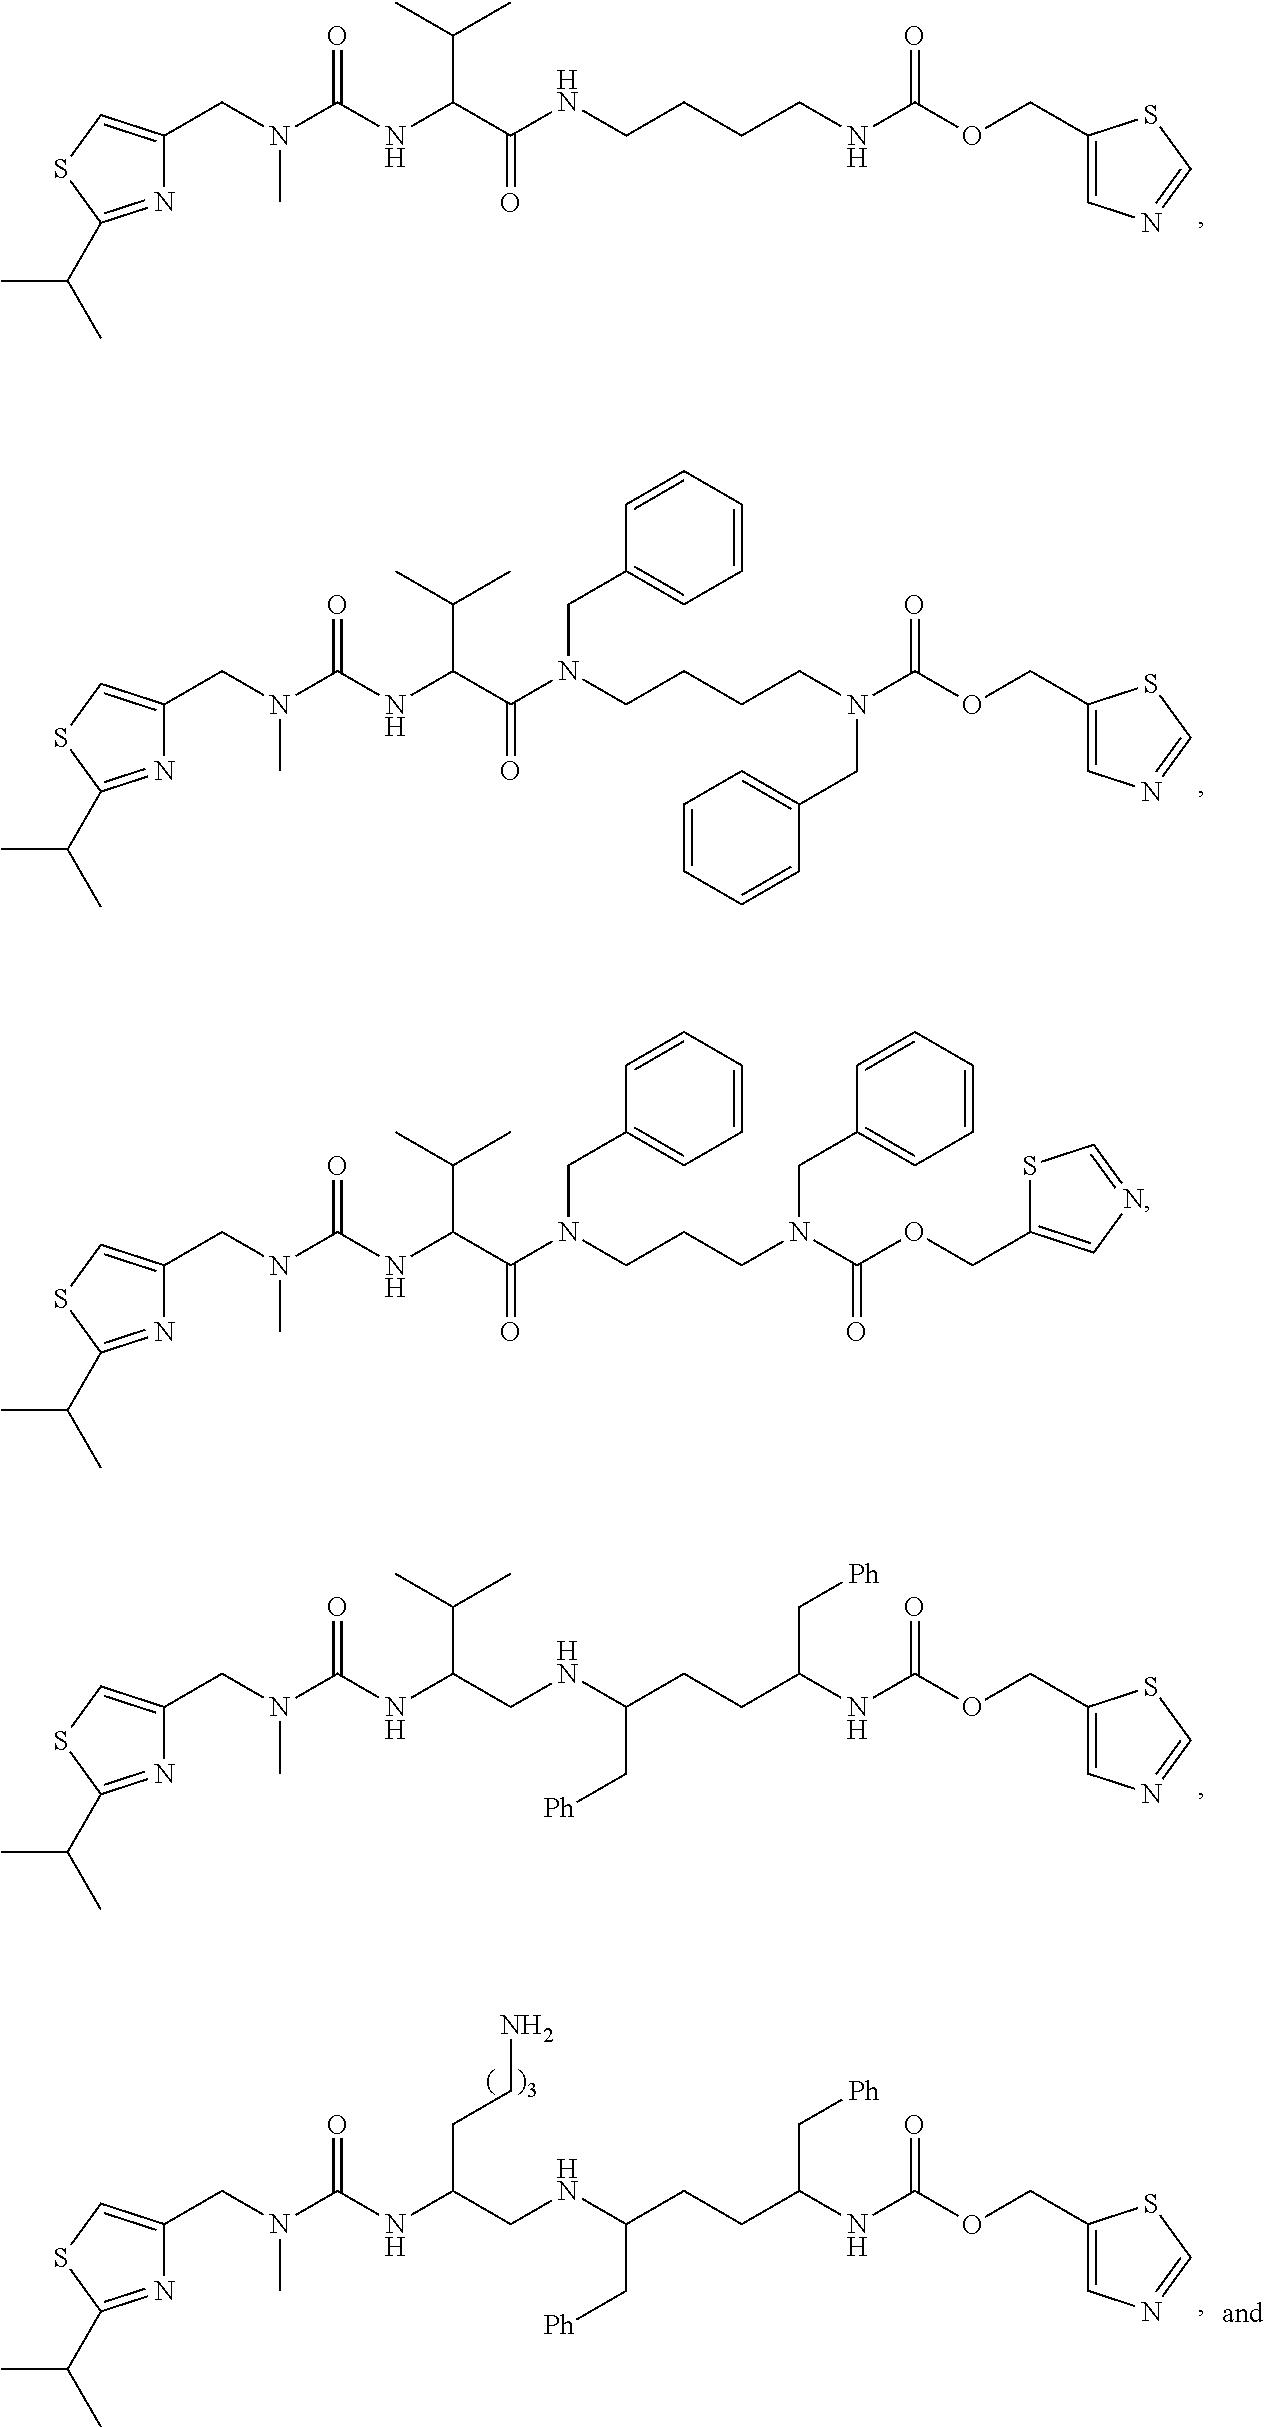 Figure US09891239-20180213-C00028